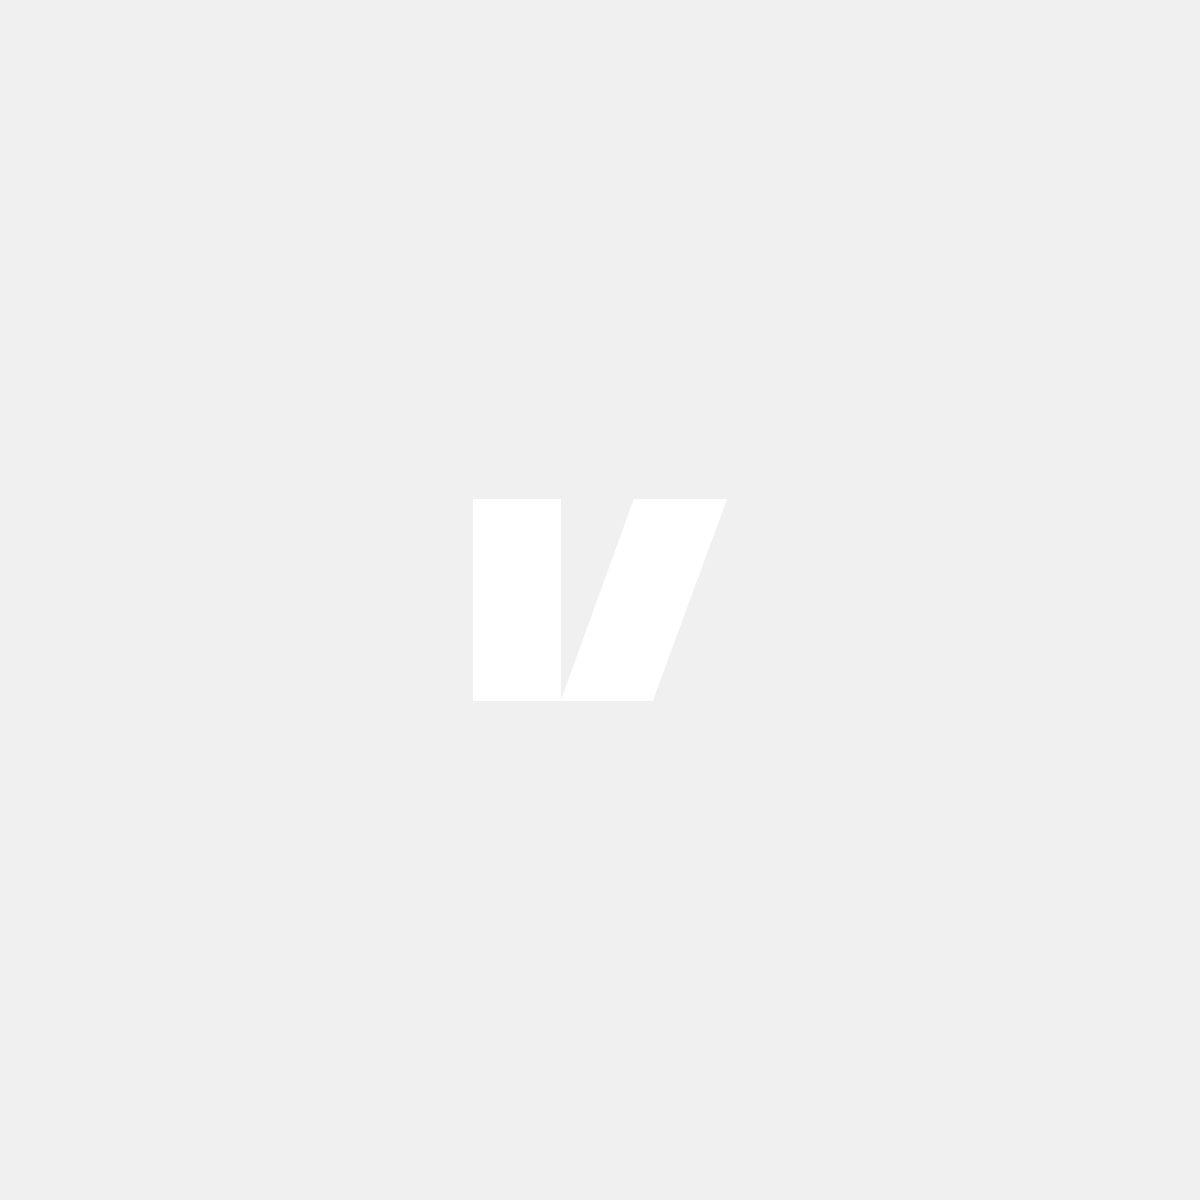 Blanksvarta backspegelkåpor till Volvo XC90 2007-2014